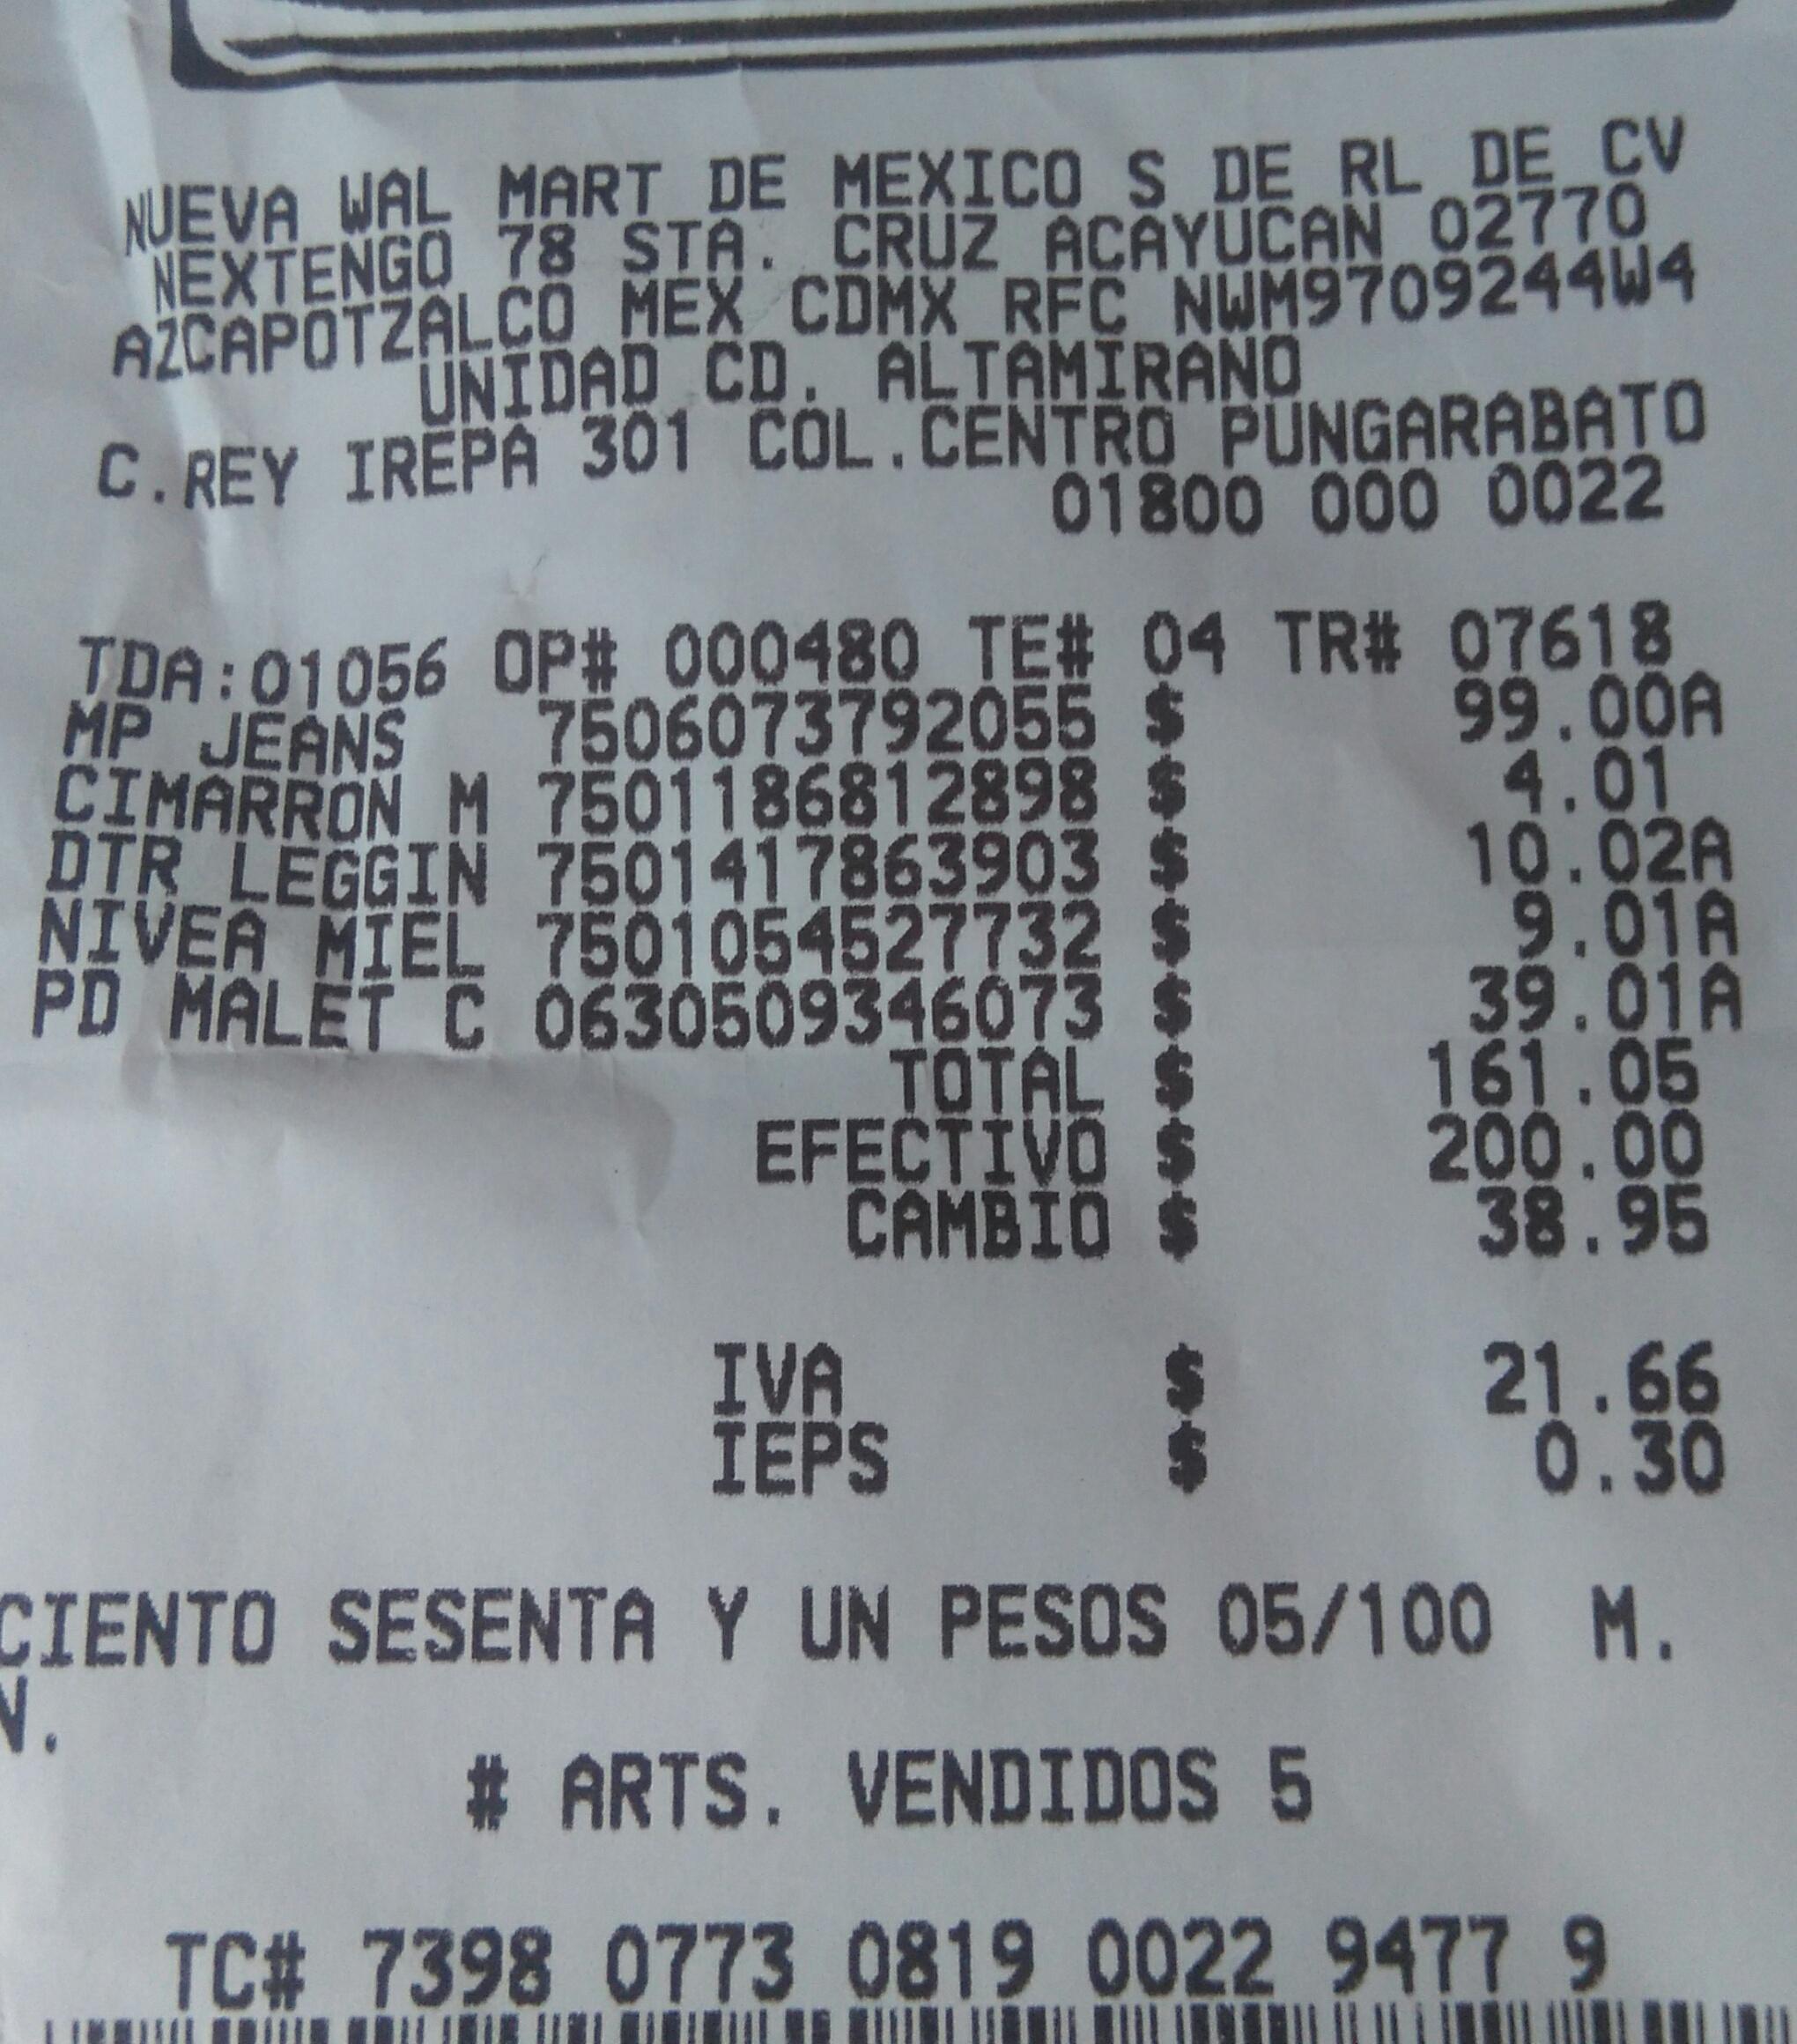 Bodega Aurrerá: acondicionador Nivea bajo la ducha $9.01 y leggin de niña $10.02